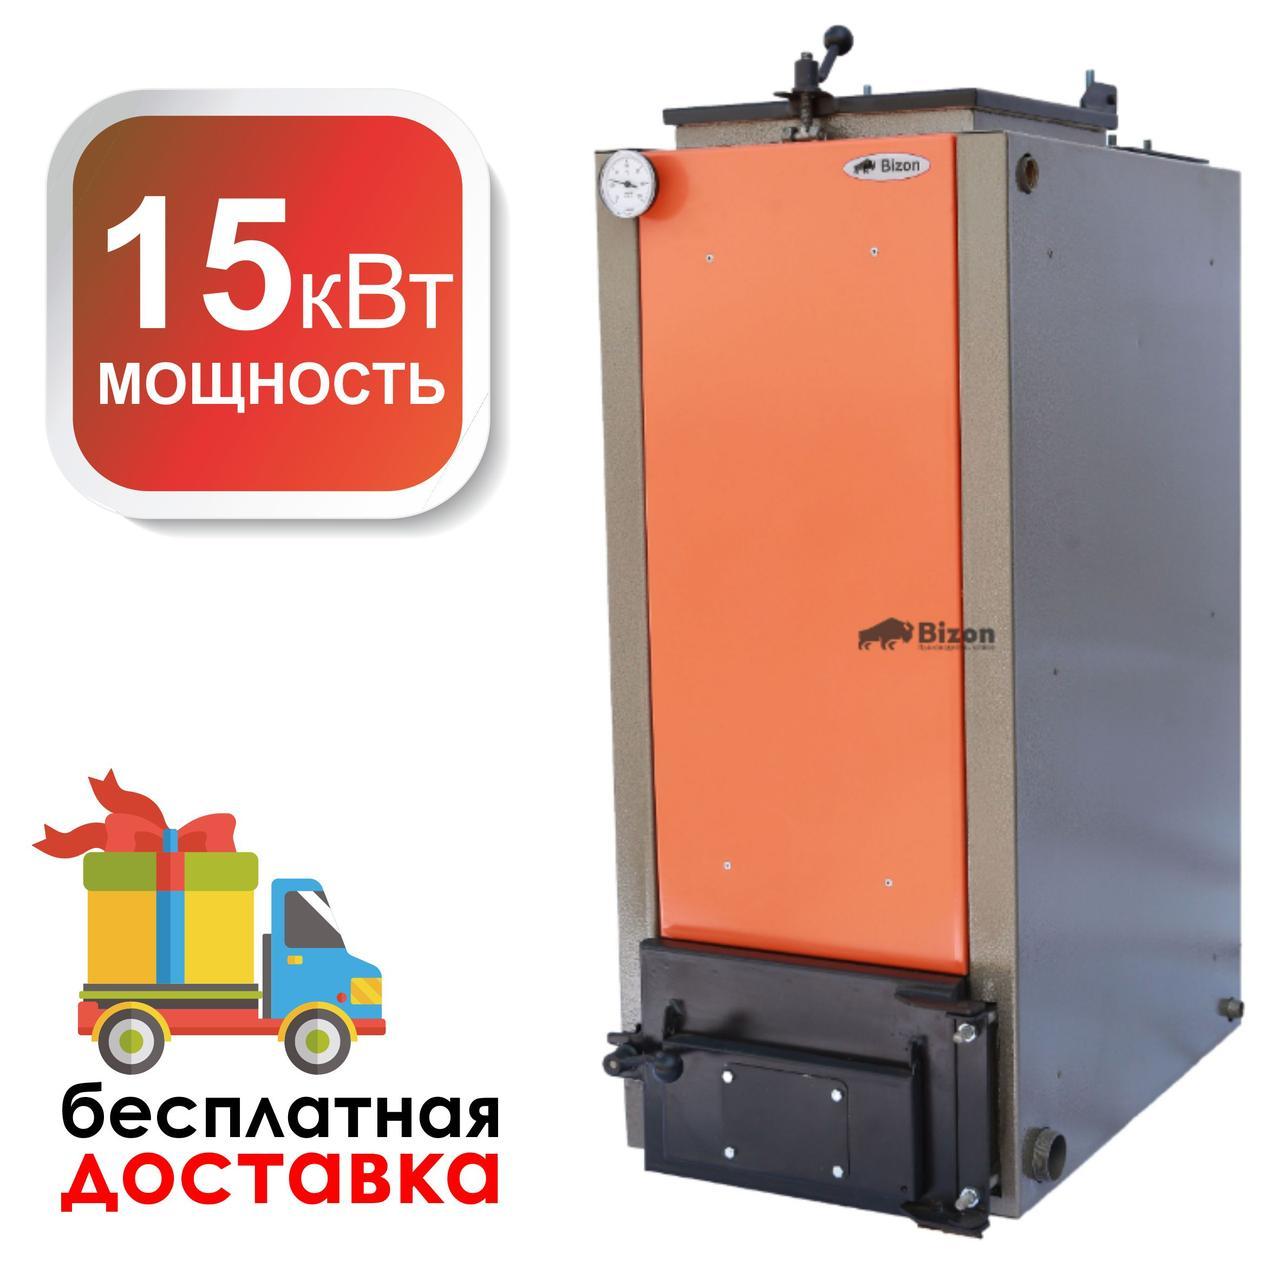 Шахтный котел Холмова Бизон Еко Термо 15 квт